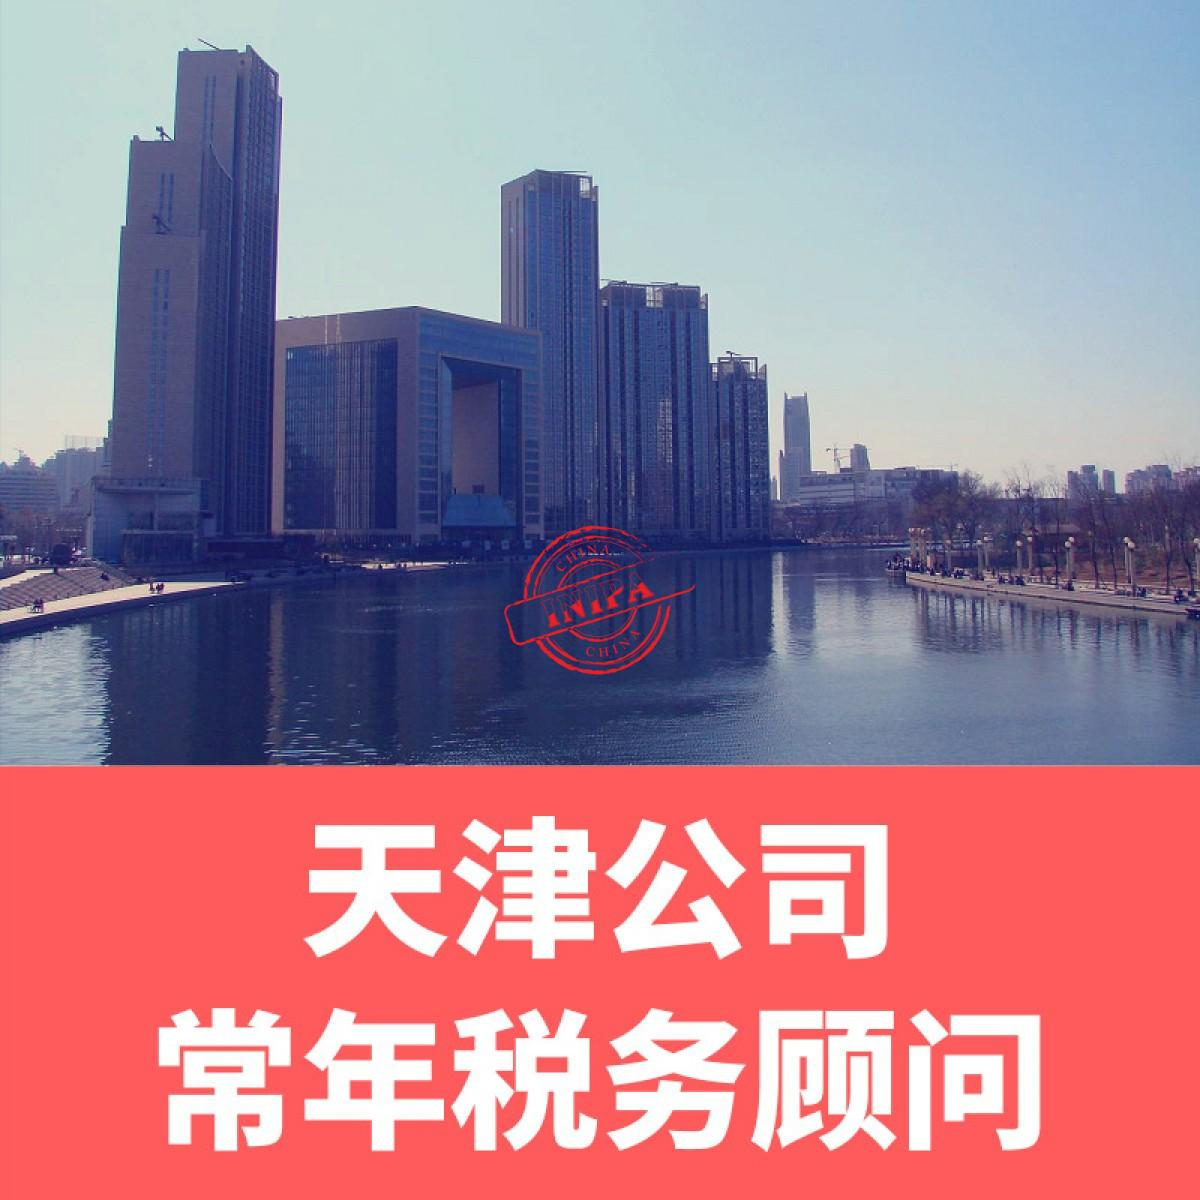 天津公司常年税务顾问_专为企业提供财税顾问服务